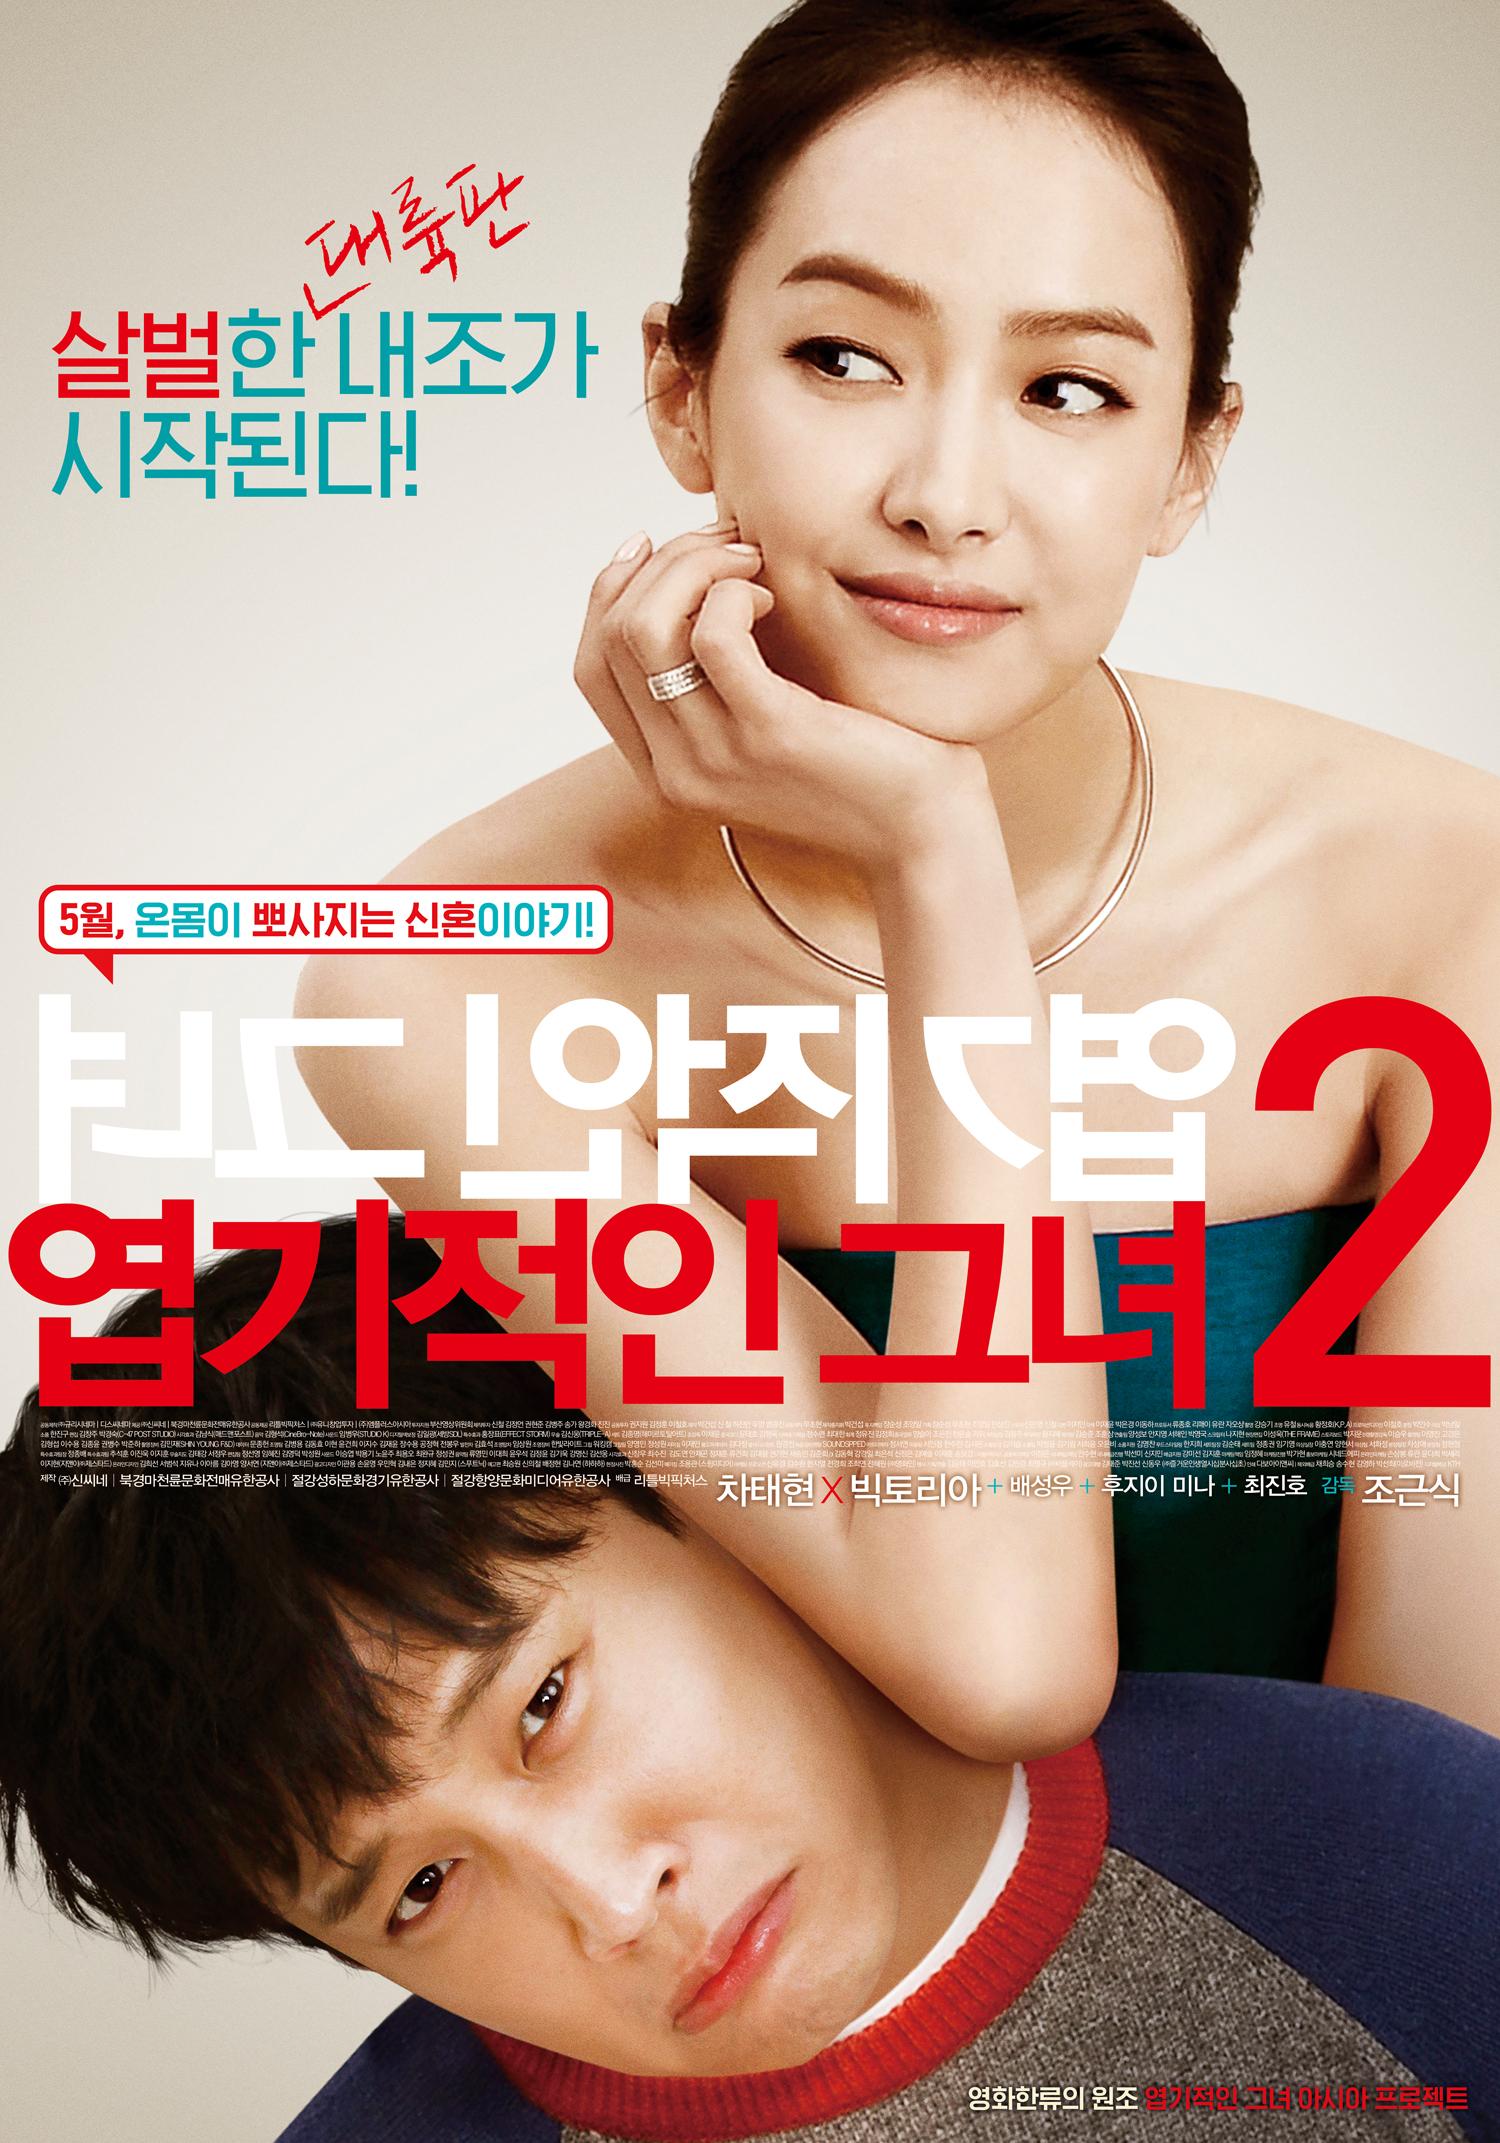 엽기적인 그녀 2 포스터